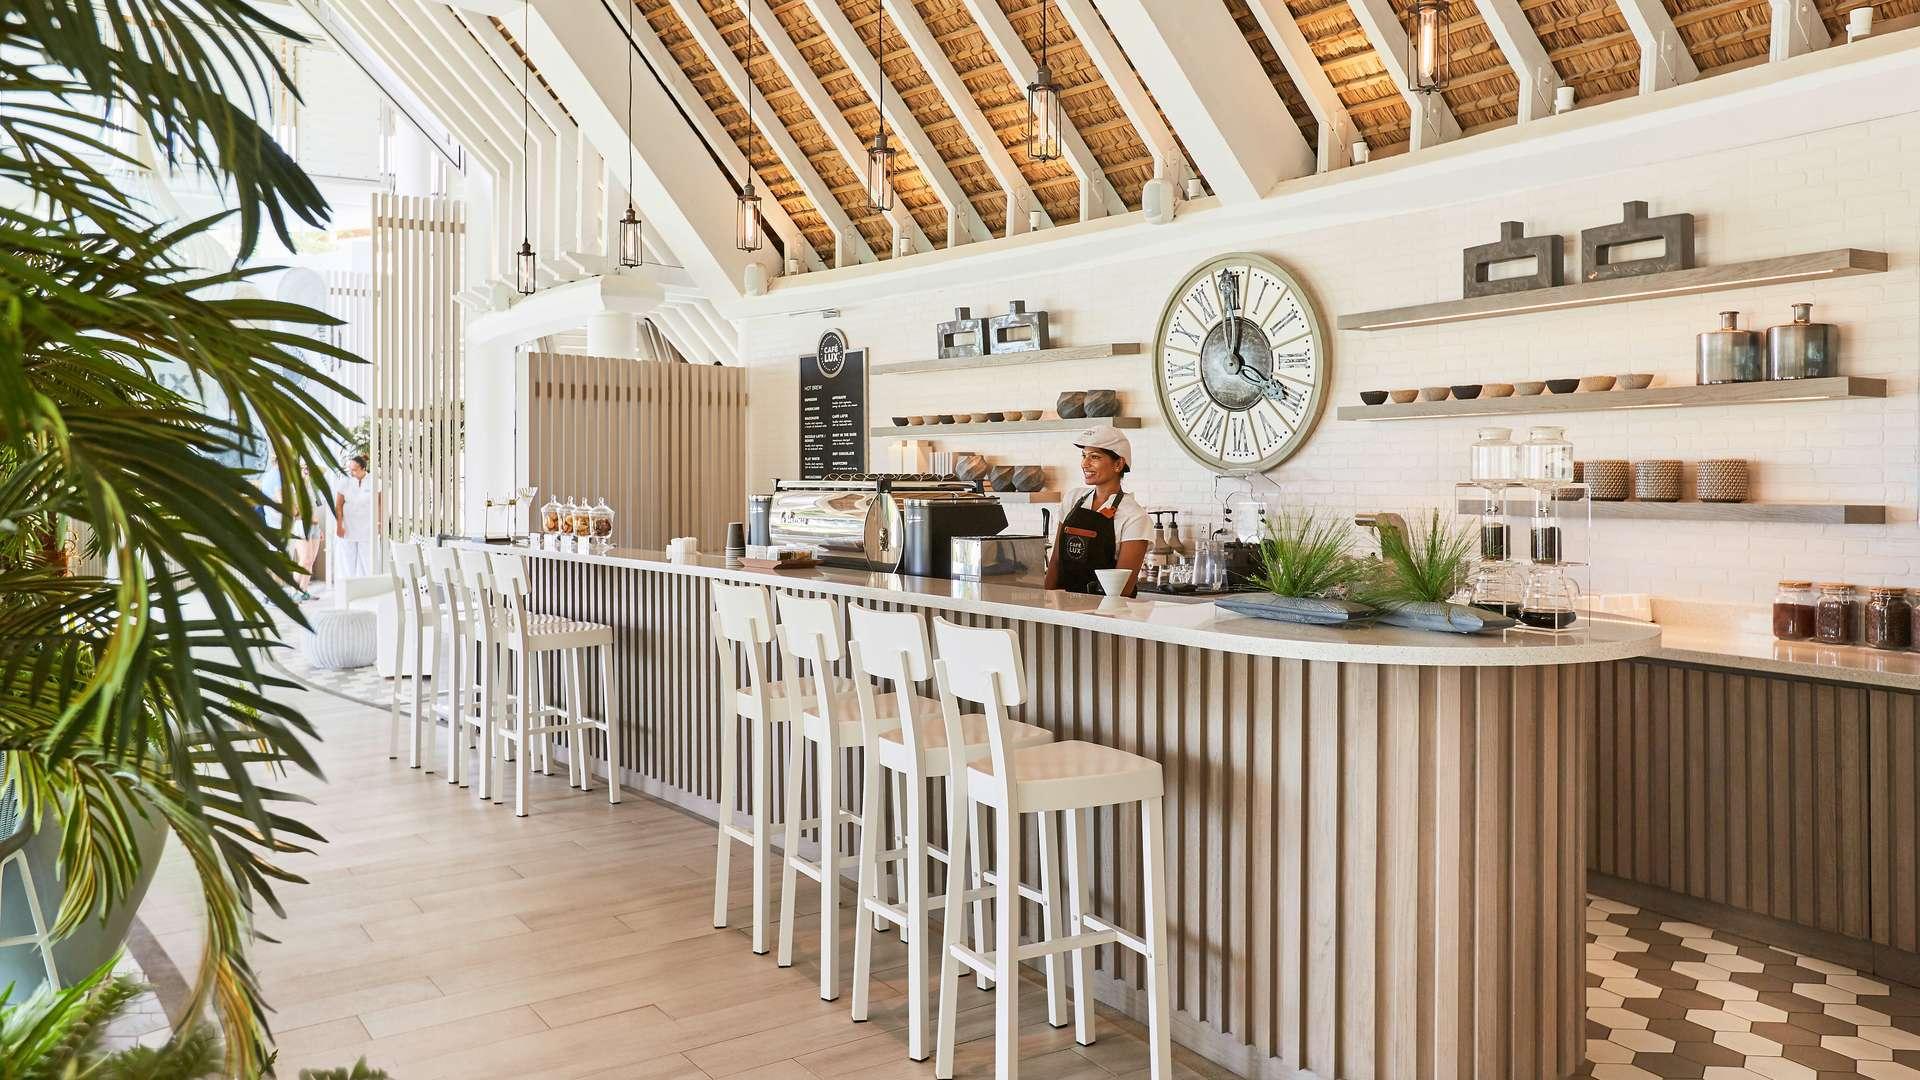 Cafe lux - cafe ile maurice